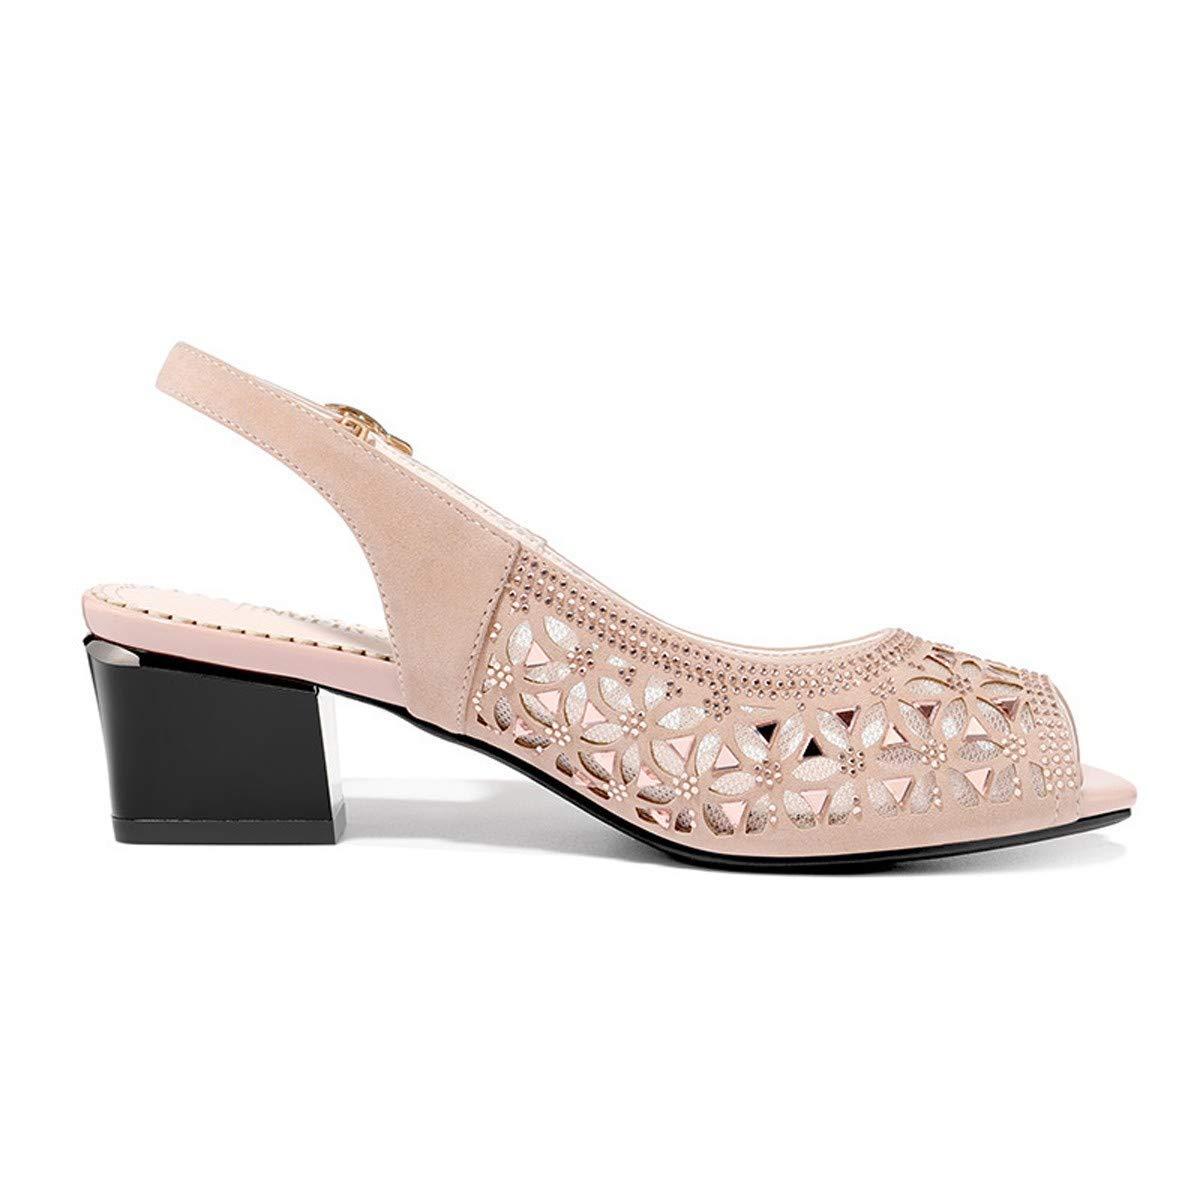 Thirty-five noir SFSYDDY Chaussures Populaires Chaussures à Talon Bruts Fishmouth été Nouveau Style Sandales Milieu Talon 4 5 Cm De Talon